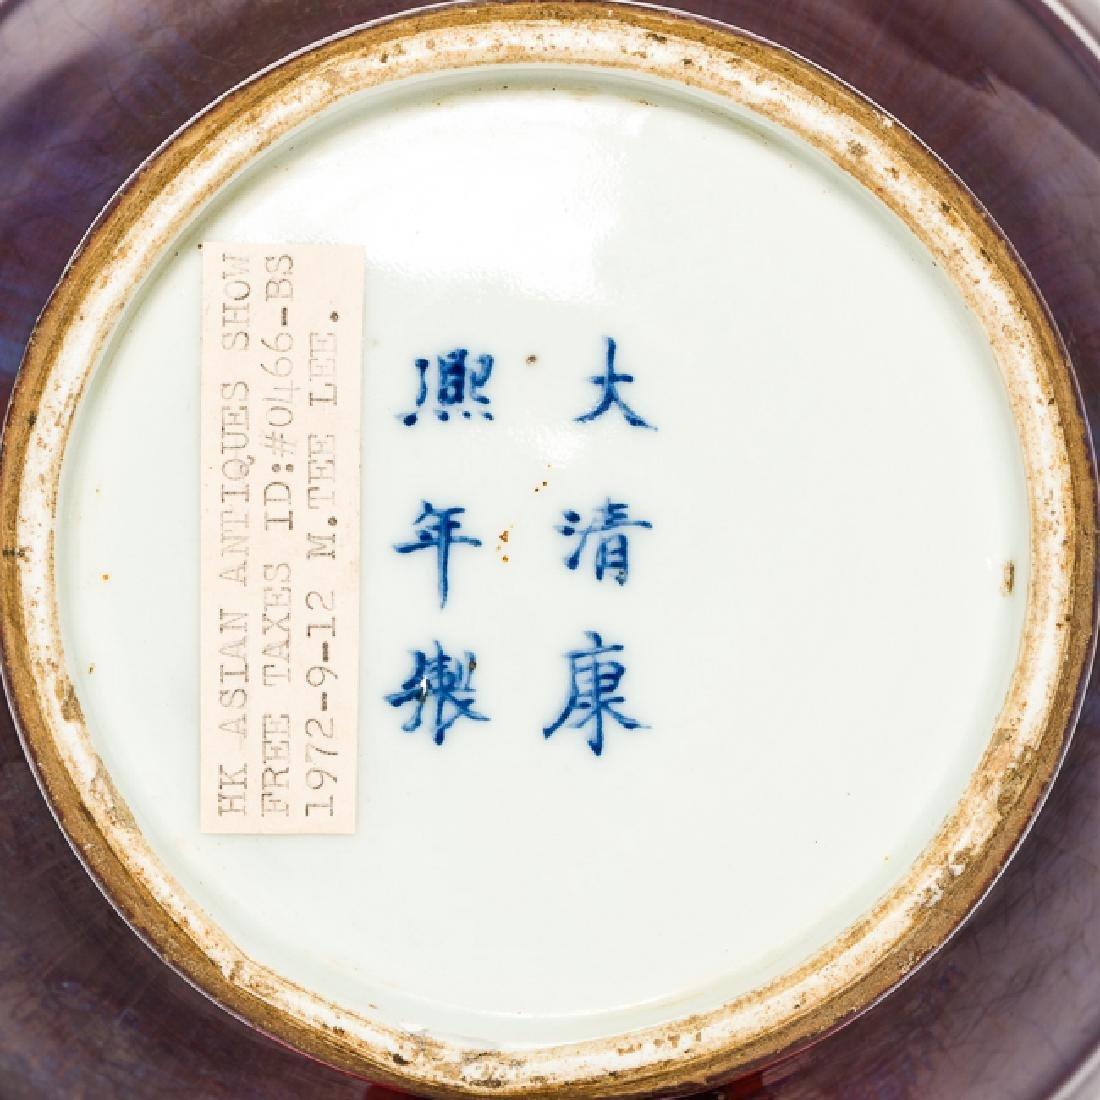 Chinese Antique Flambe-Glazed Porcelain Vase, Qing - 5